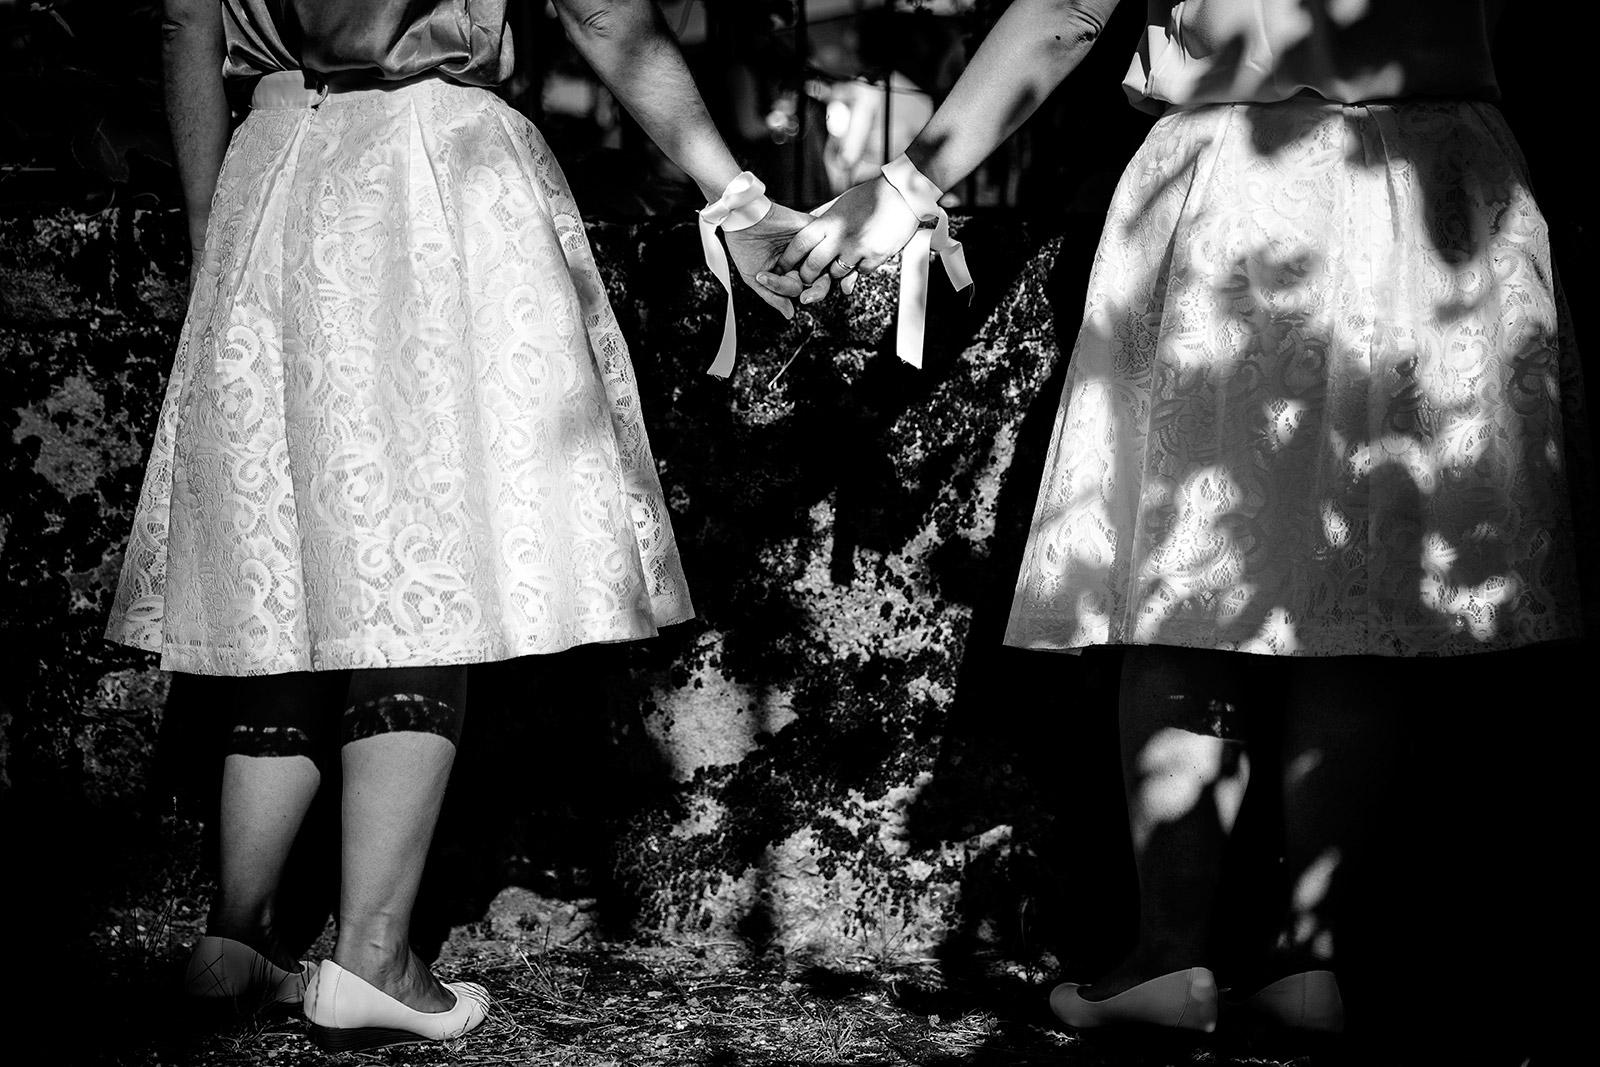 meilleur avis photographe de mariage Lausanne Suisse Photographe de mariage alternatif same sex Castille ALMA photographe Mariage au domaine du Burignon St Saphorin Suisse